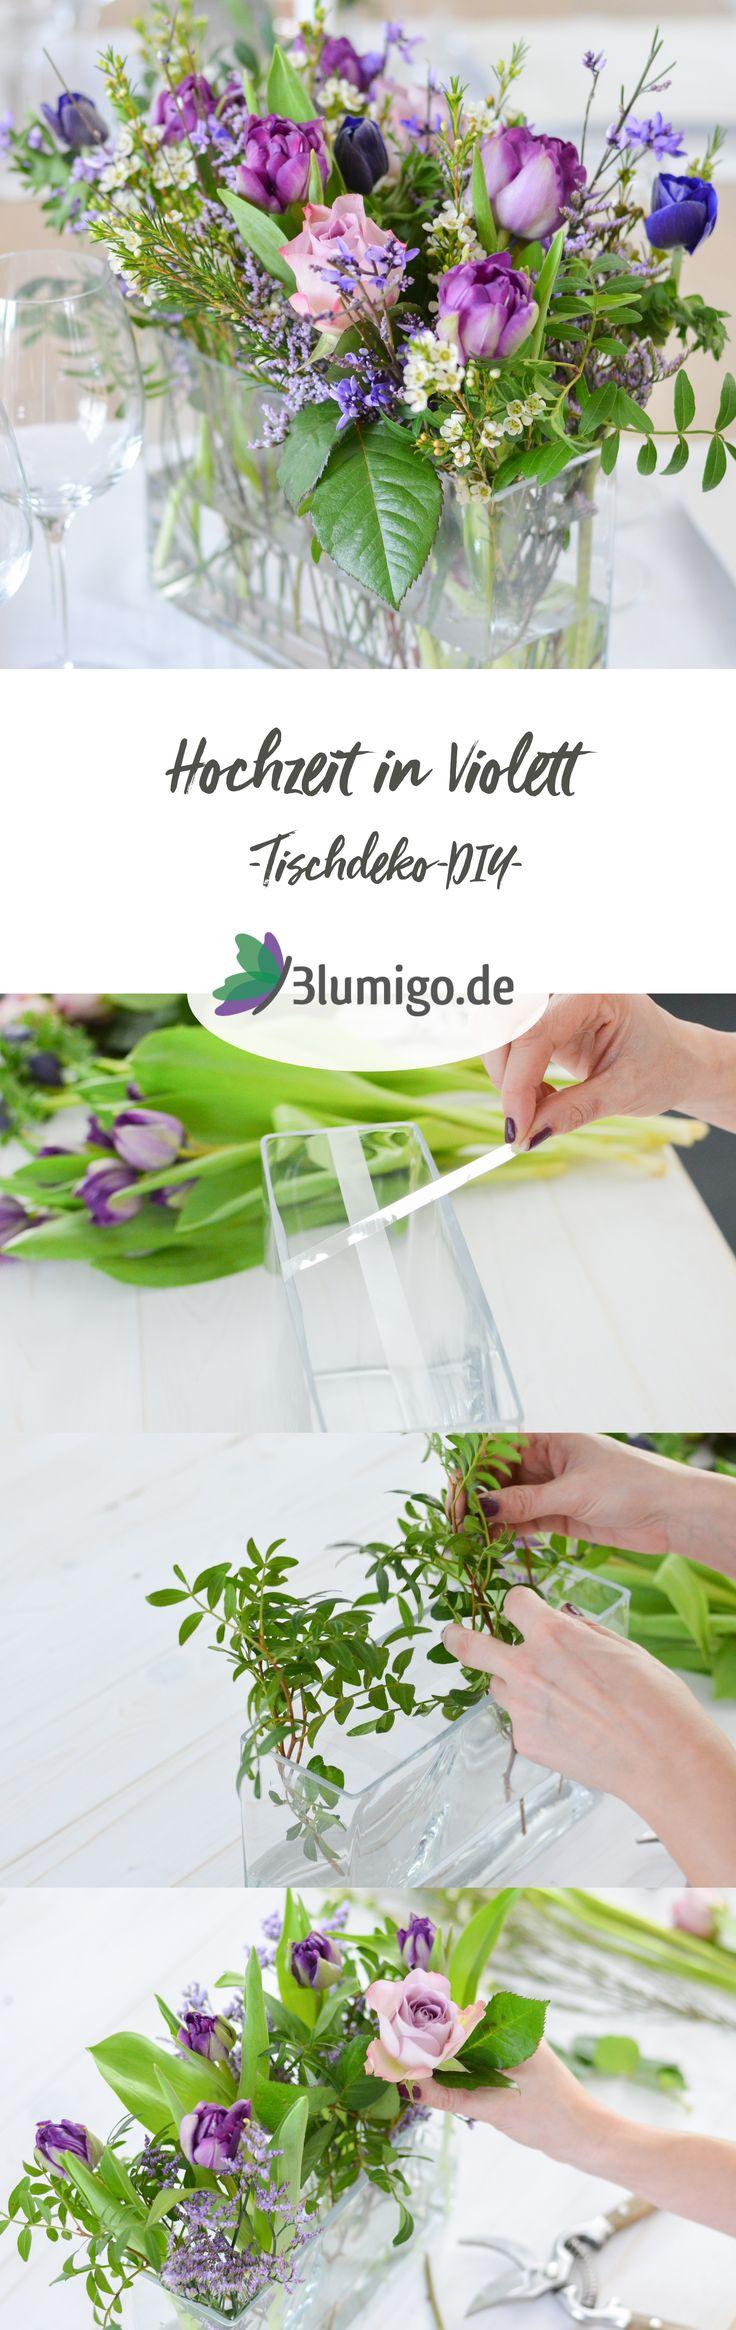 Tischdeko in Ultra-Violett selber machen - DIY-Anleitung. Ein einfacher Tischschmuck lässt sich mit wenigen Handgriffen günstig selber stecken. Gestalte deine Hochzeit selbst mit frischen, selbst arrangierten Blumen! #schnittblumen #blumendeko #floristik #blumenstrauß #brautstrauß #hochzeitsdekoration #hochzeit #hochzeitsdeko #boho #vintage #ultraviolett #lila #tischdekoration #tulpen